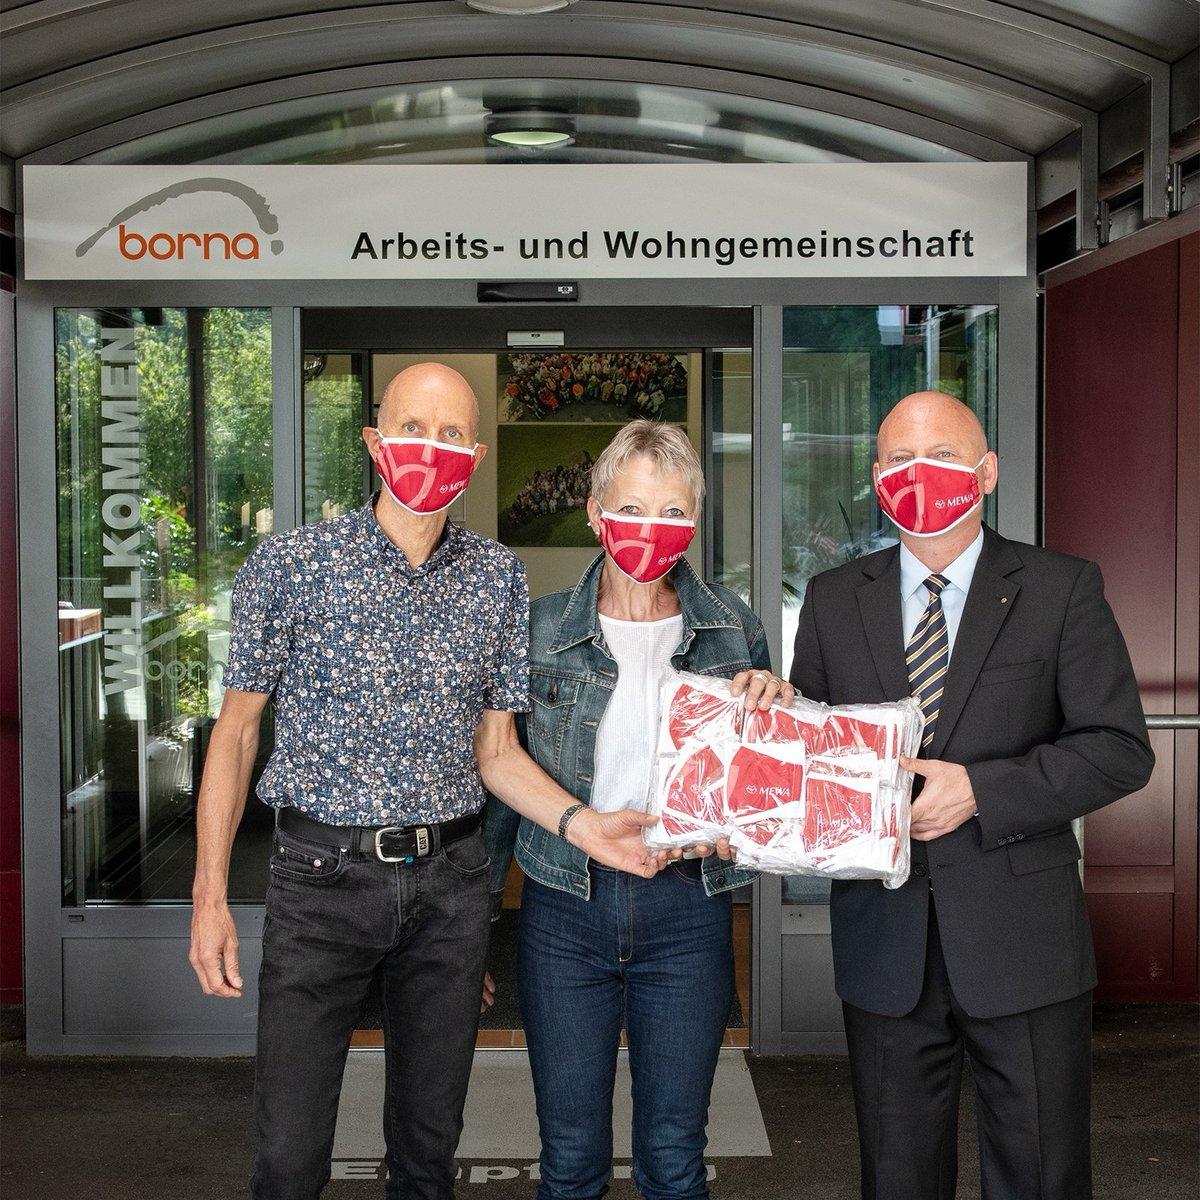 """#MEWA schenkt mondmaskers … Lachende gezichten bij werk- en leefgemeenschap #Borna, in het Zwitserse Rothrist, tijdens de overhandiging van 300 textielmaskers van MEWA. """"Solidariteit en buurthulp dragen wij hoog in het vaandel"""", aldus George Lazar, directeur van MEWA Wynau. https://t.co/LzCML7CqIq"""